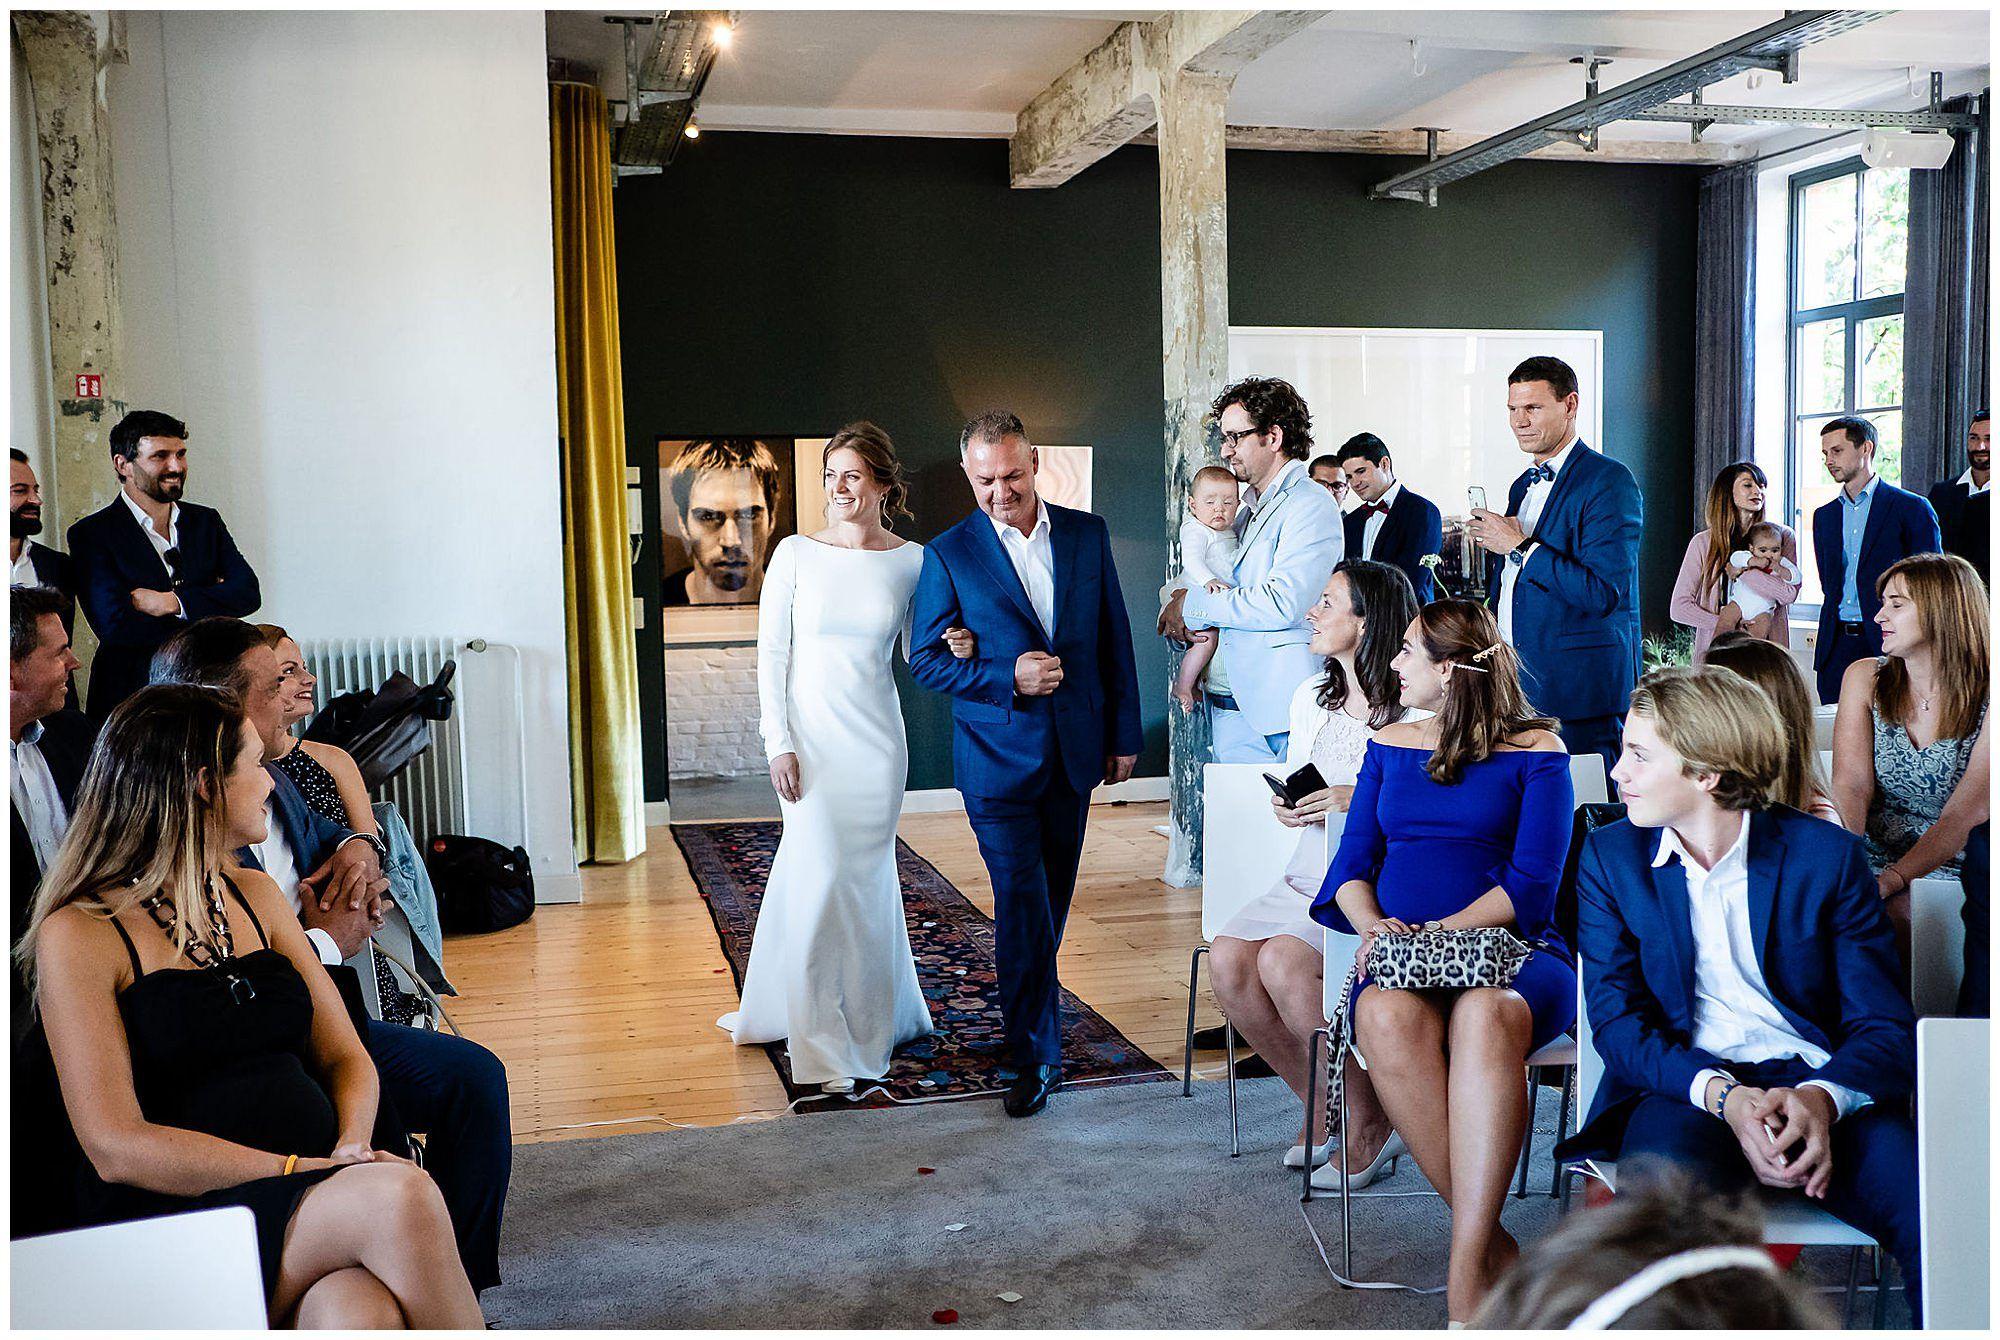 Standesamt Winsen Hochzeit Rathaus Standesamtliche Hochzeit Hochzeit Hochzeitsfotograf